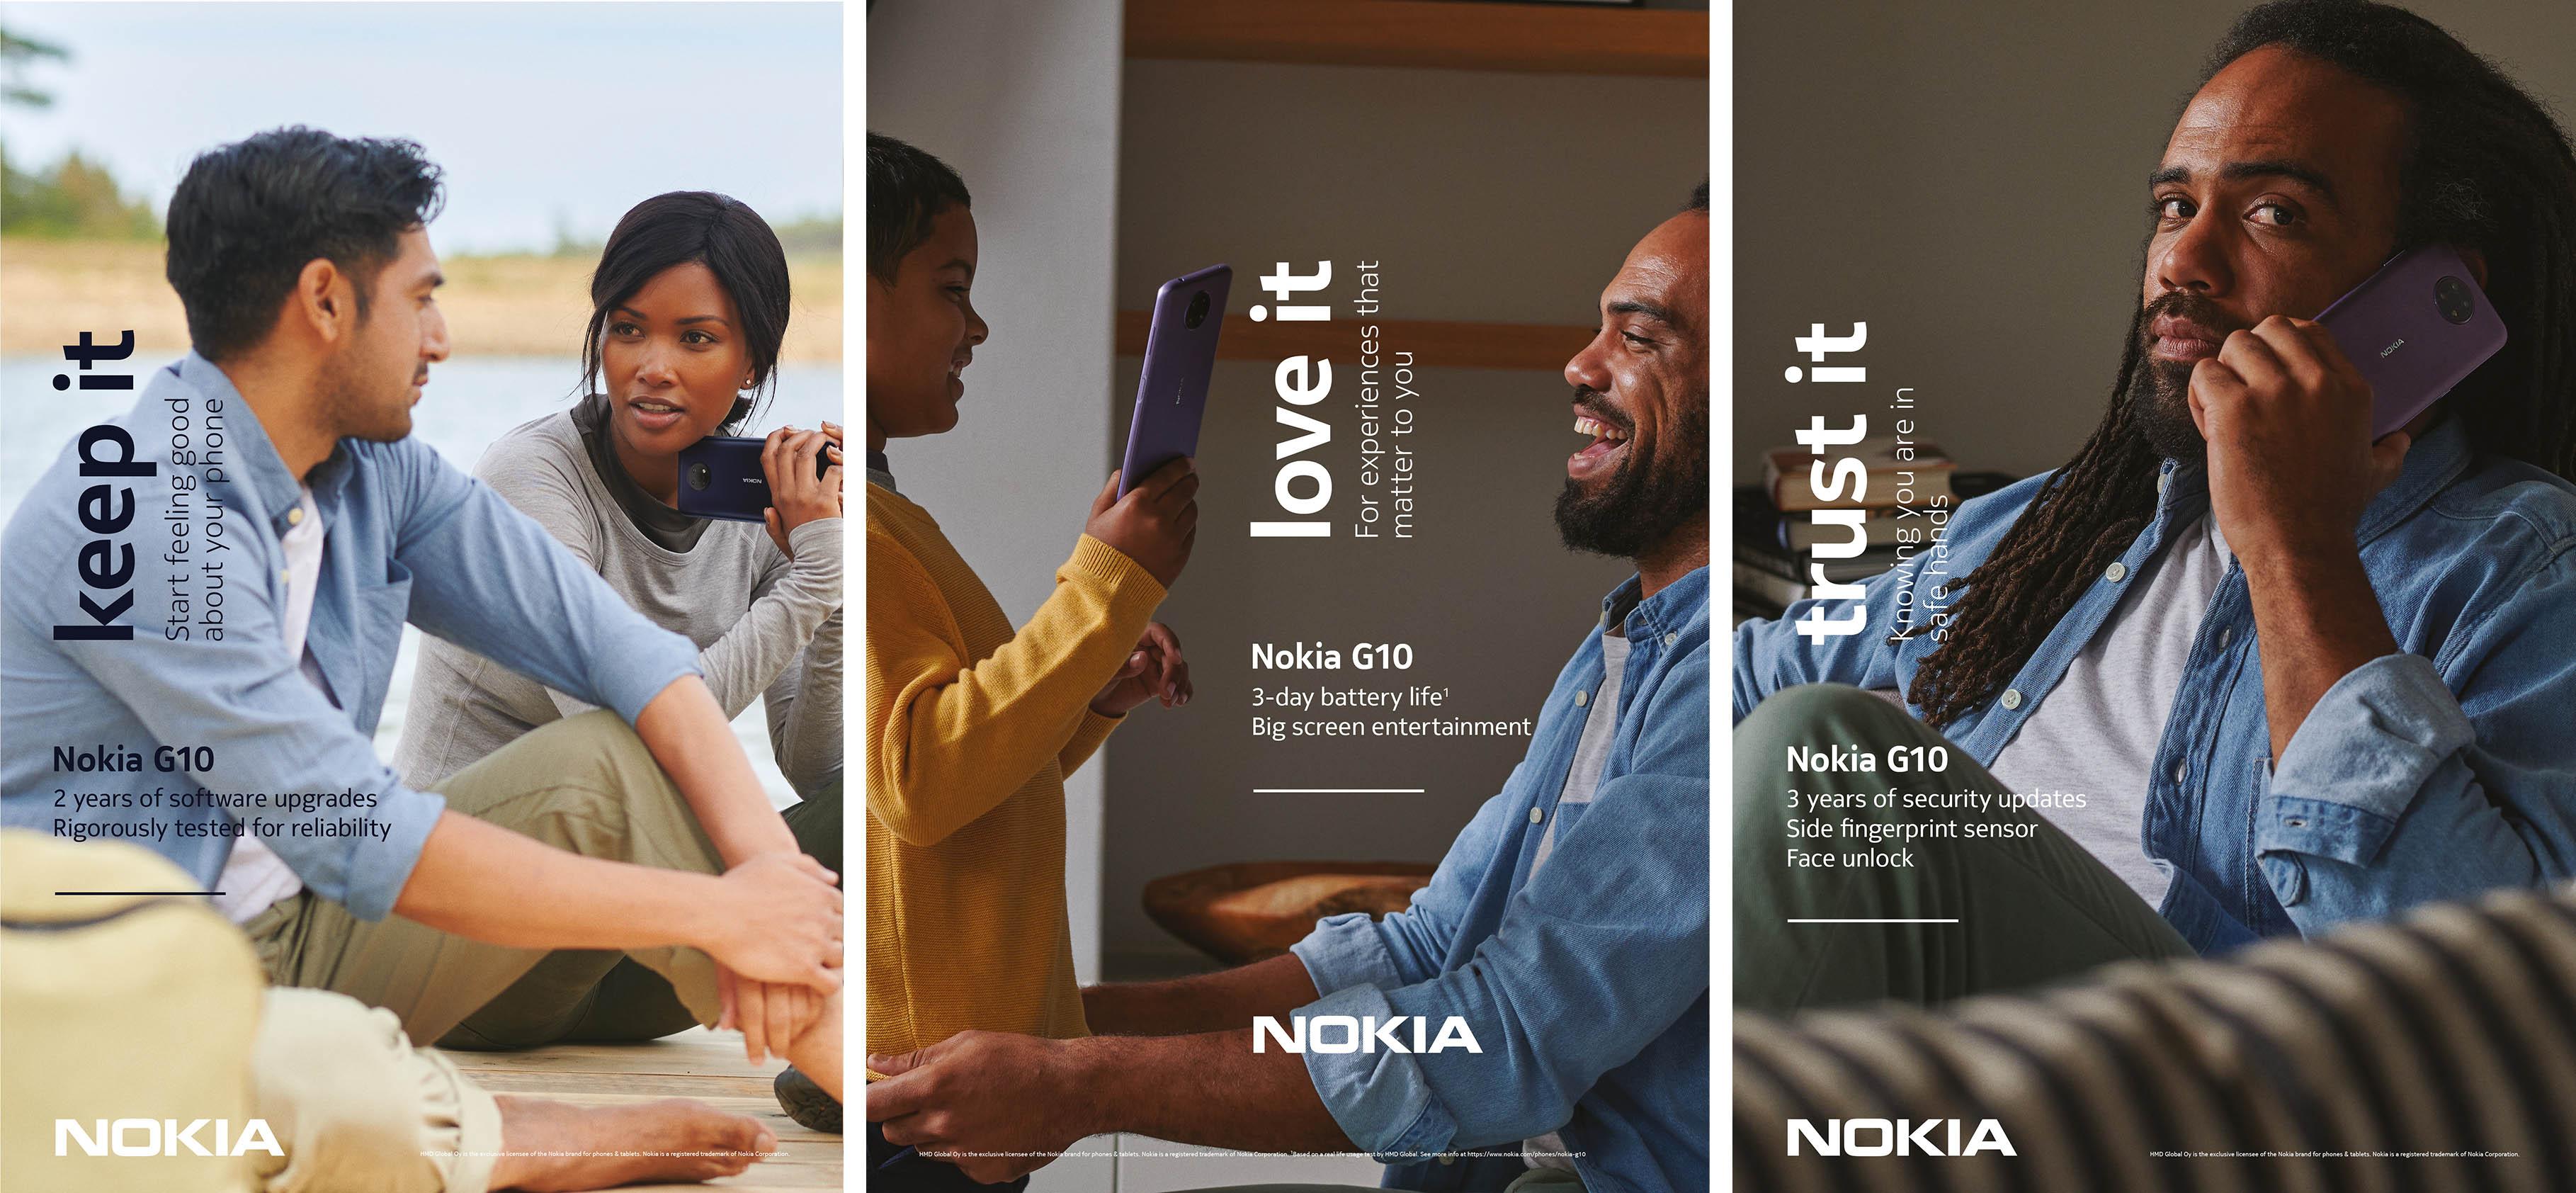 Nokia G20 и Nokia G10: бюджетные смартфоны с процессорами MediaTek и емким аккумулятором от 140